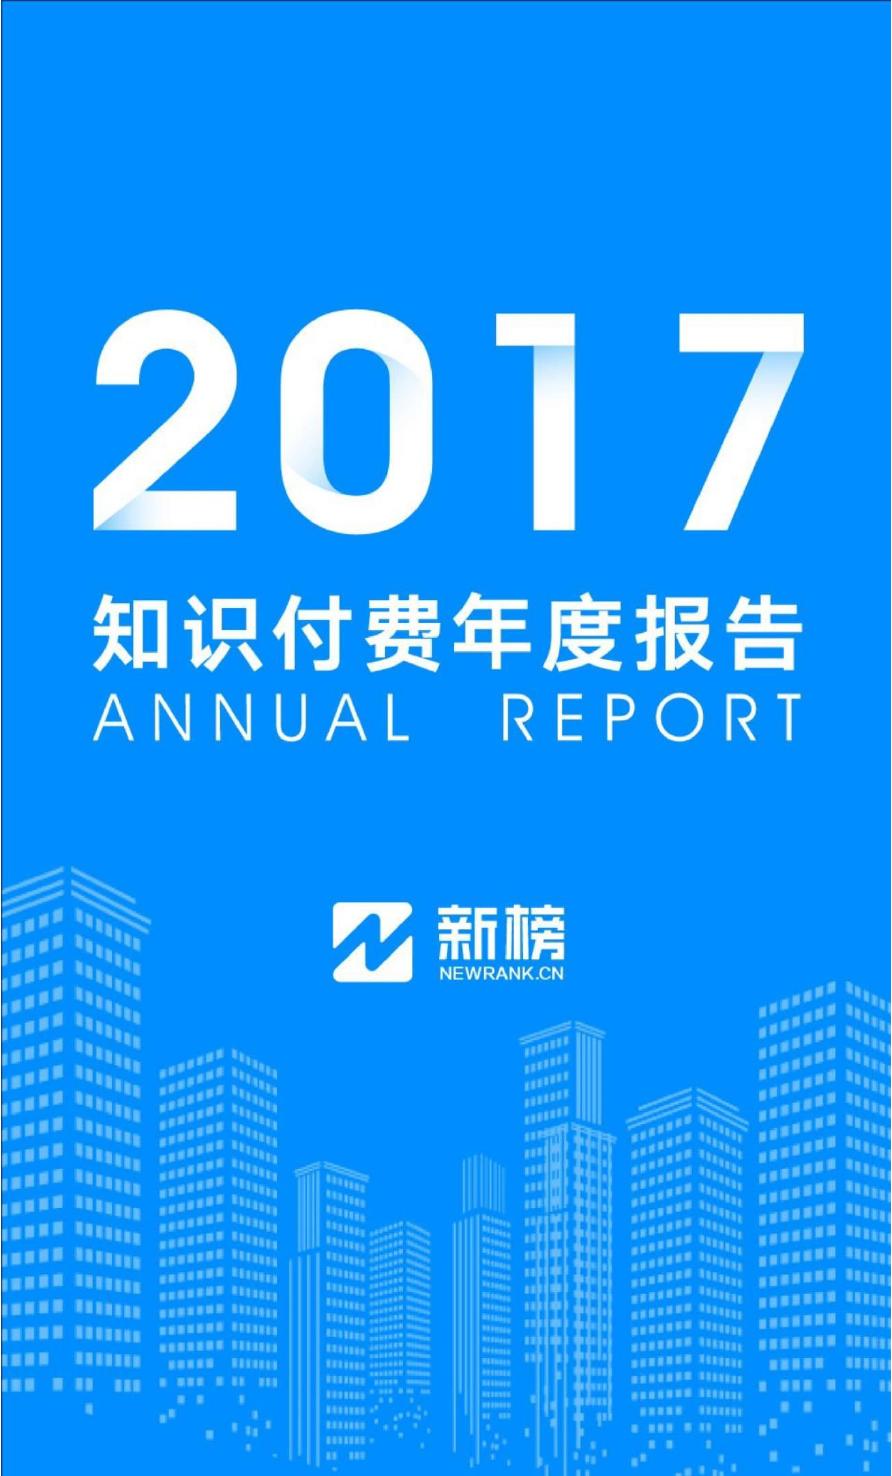 新榜:2017知识付费年度报告(附下载)